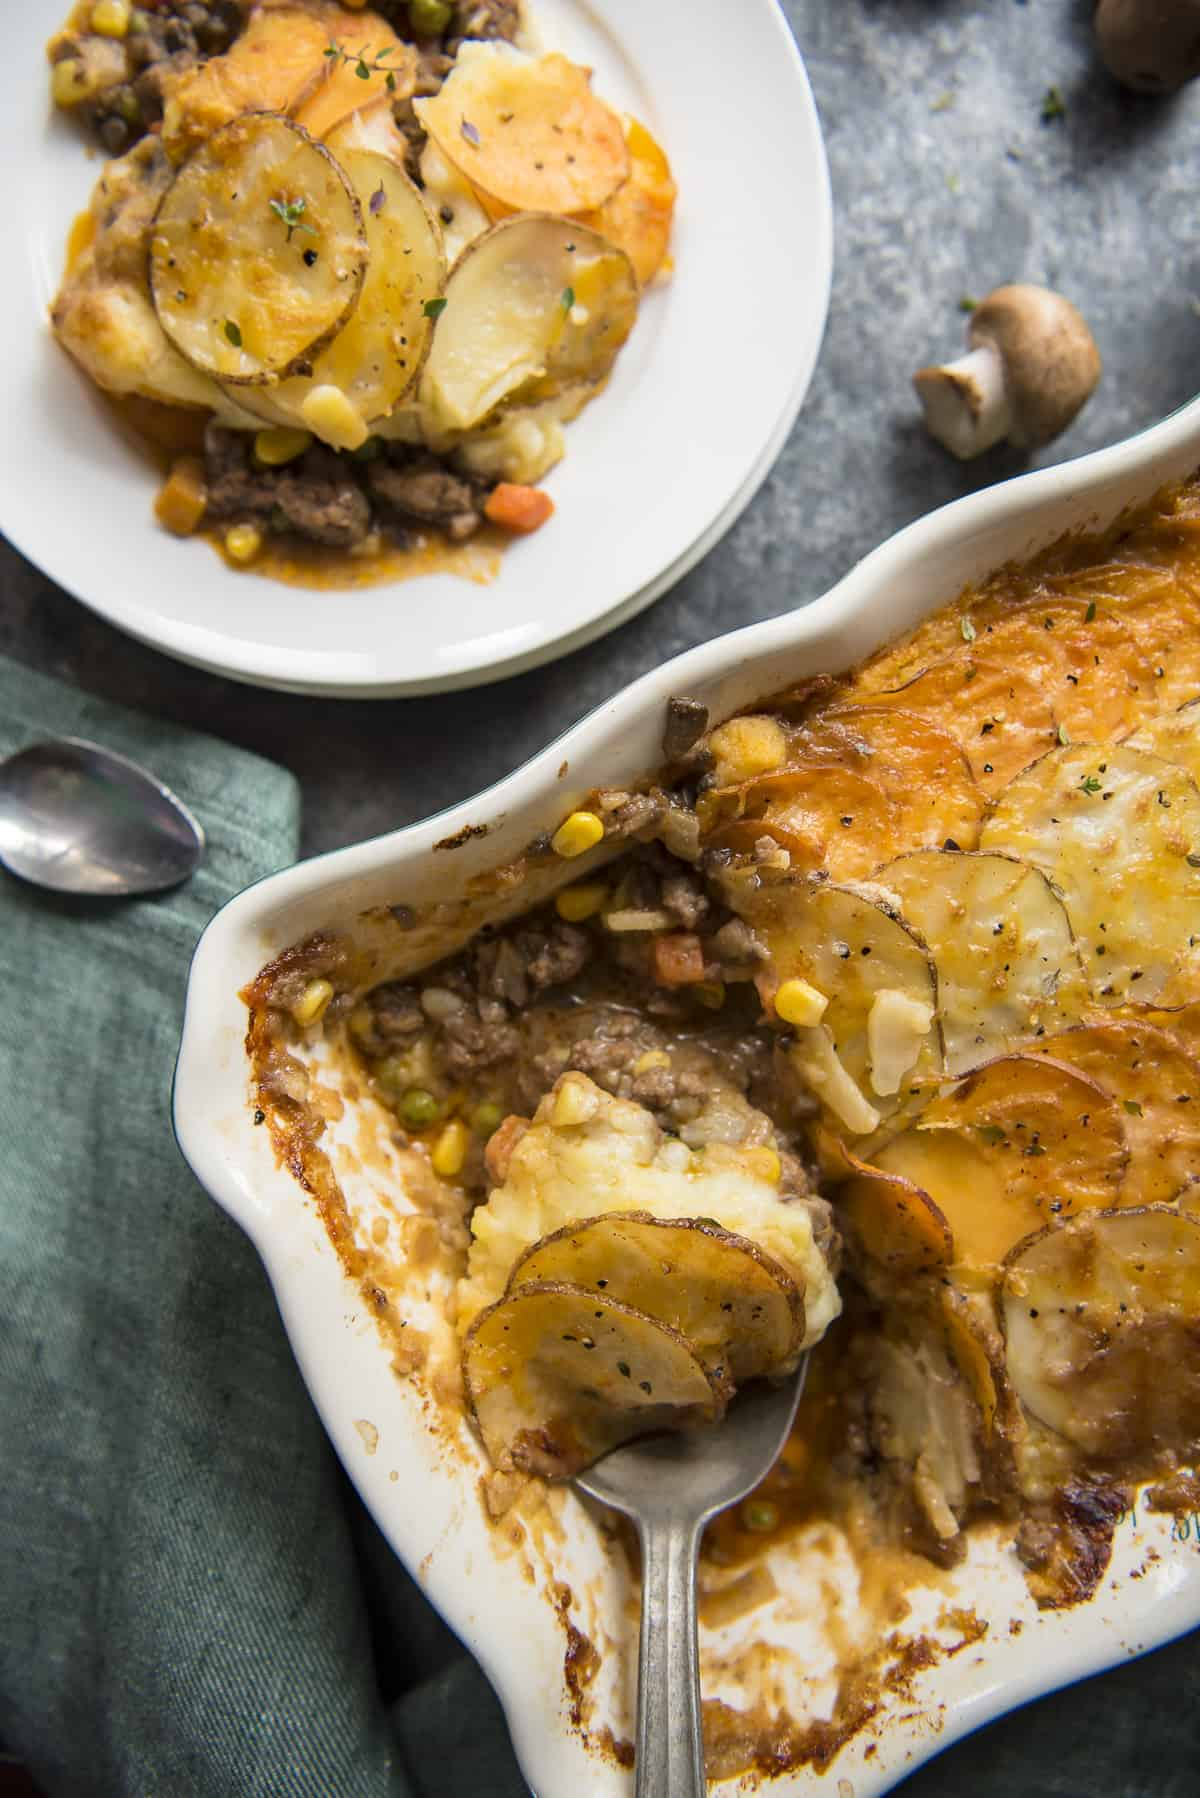 Scalloped Potato Beef and Mushroom Shepherd's Pie